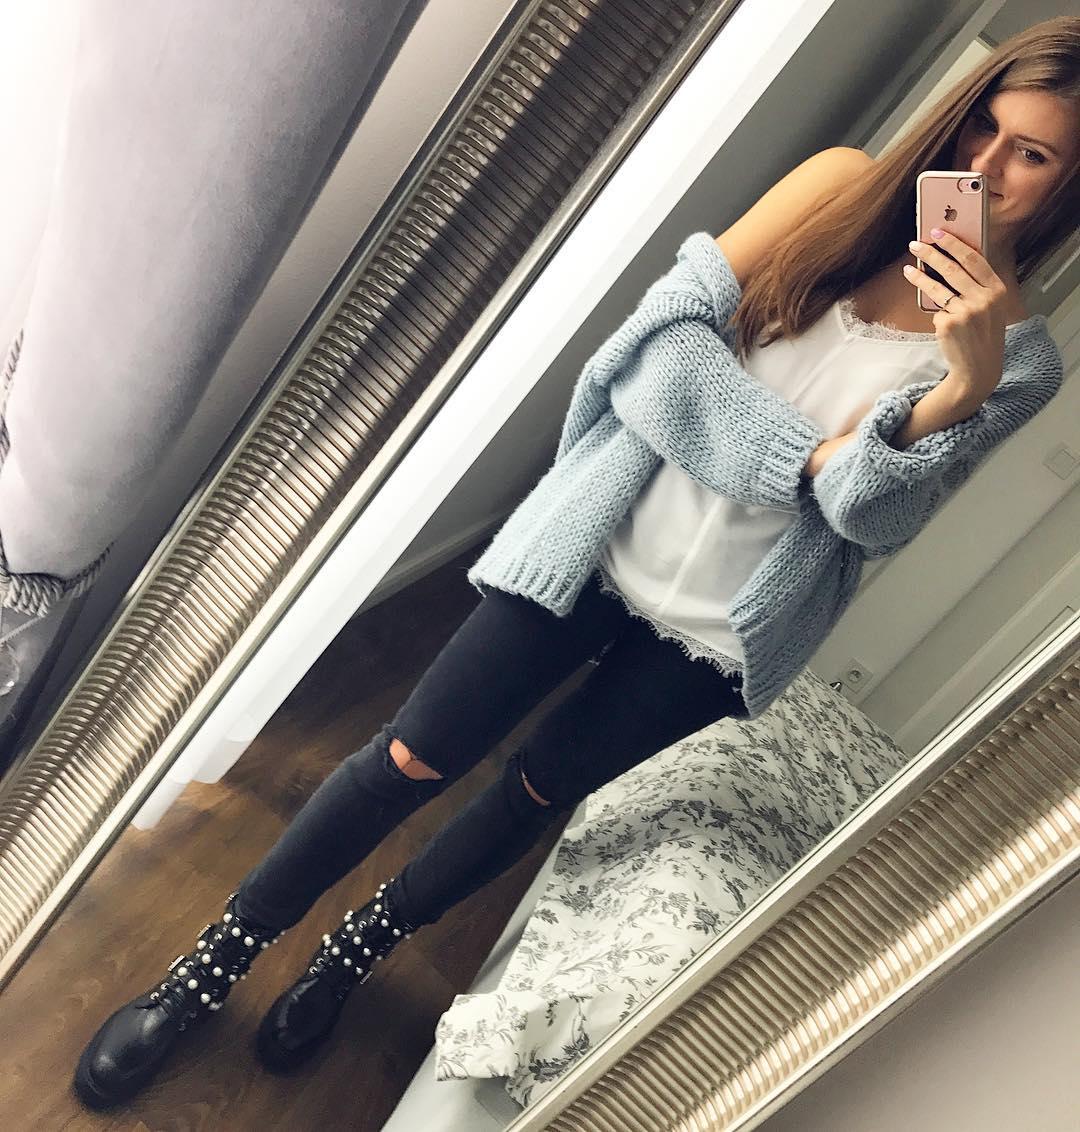 Đôi boots vừa bụi vừa sang chảnh công chúa này đang là món đồ hot nhất của Zara, tưởng chừng cả Instagram đều đang diện nó - Ảnh 14.